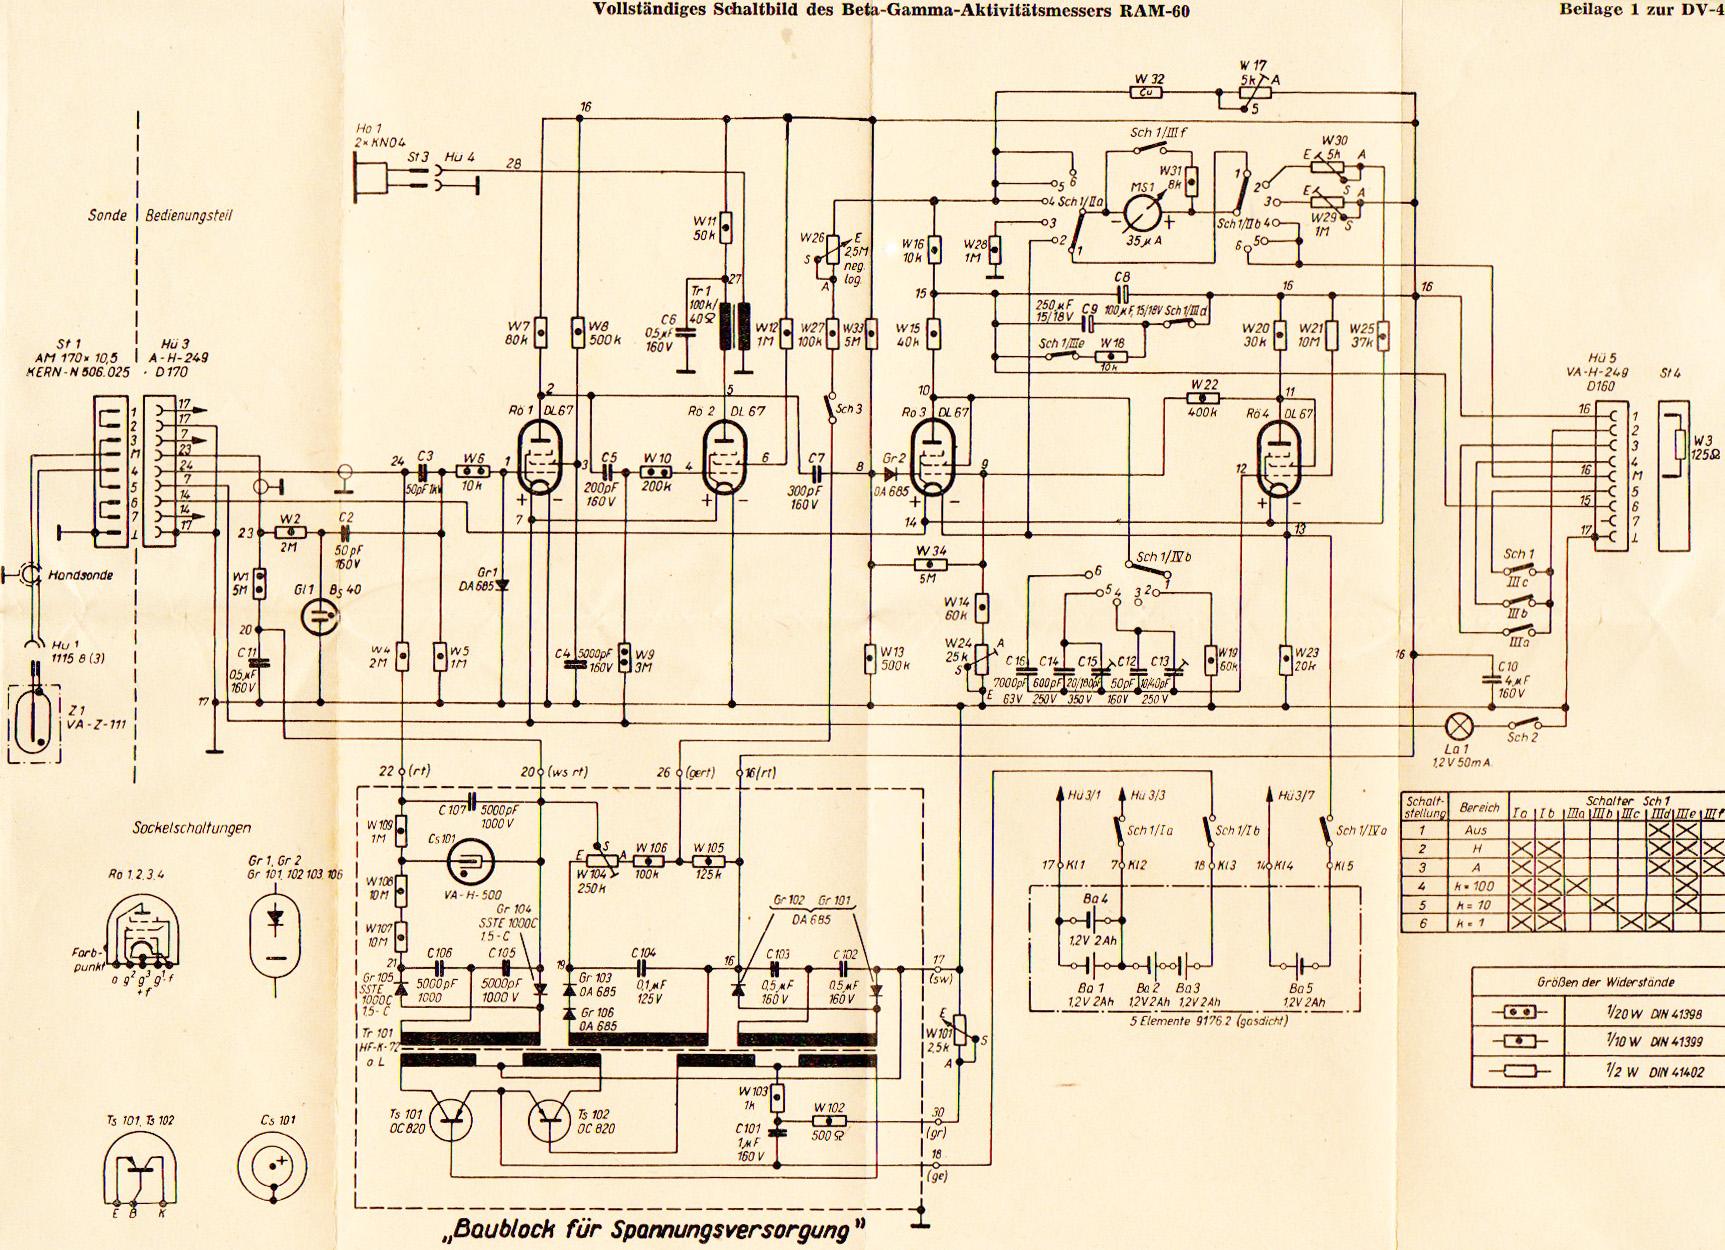 Schema Elettrico Phon : Schema elettrico ram